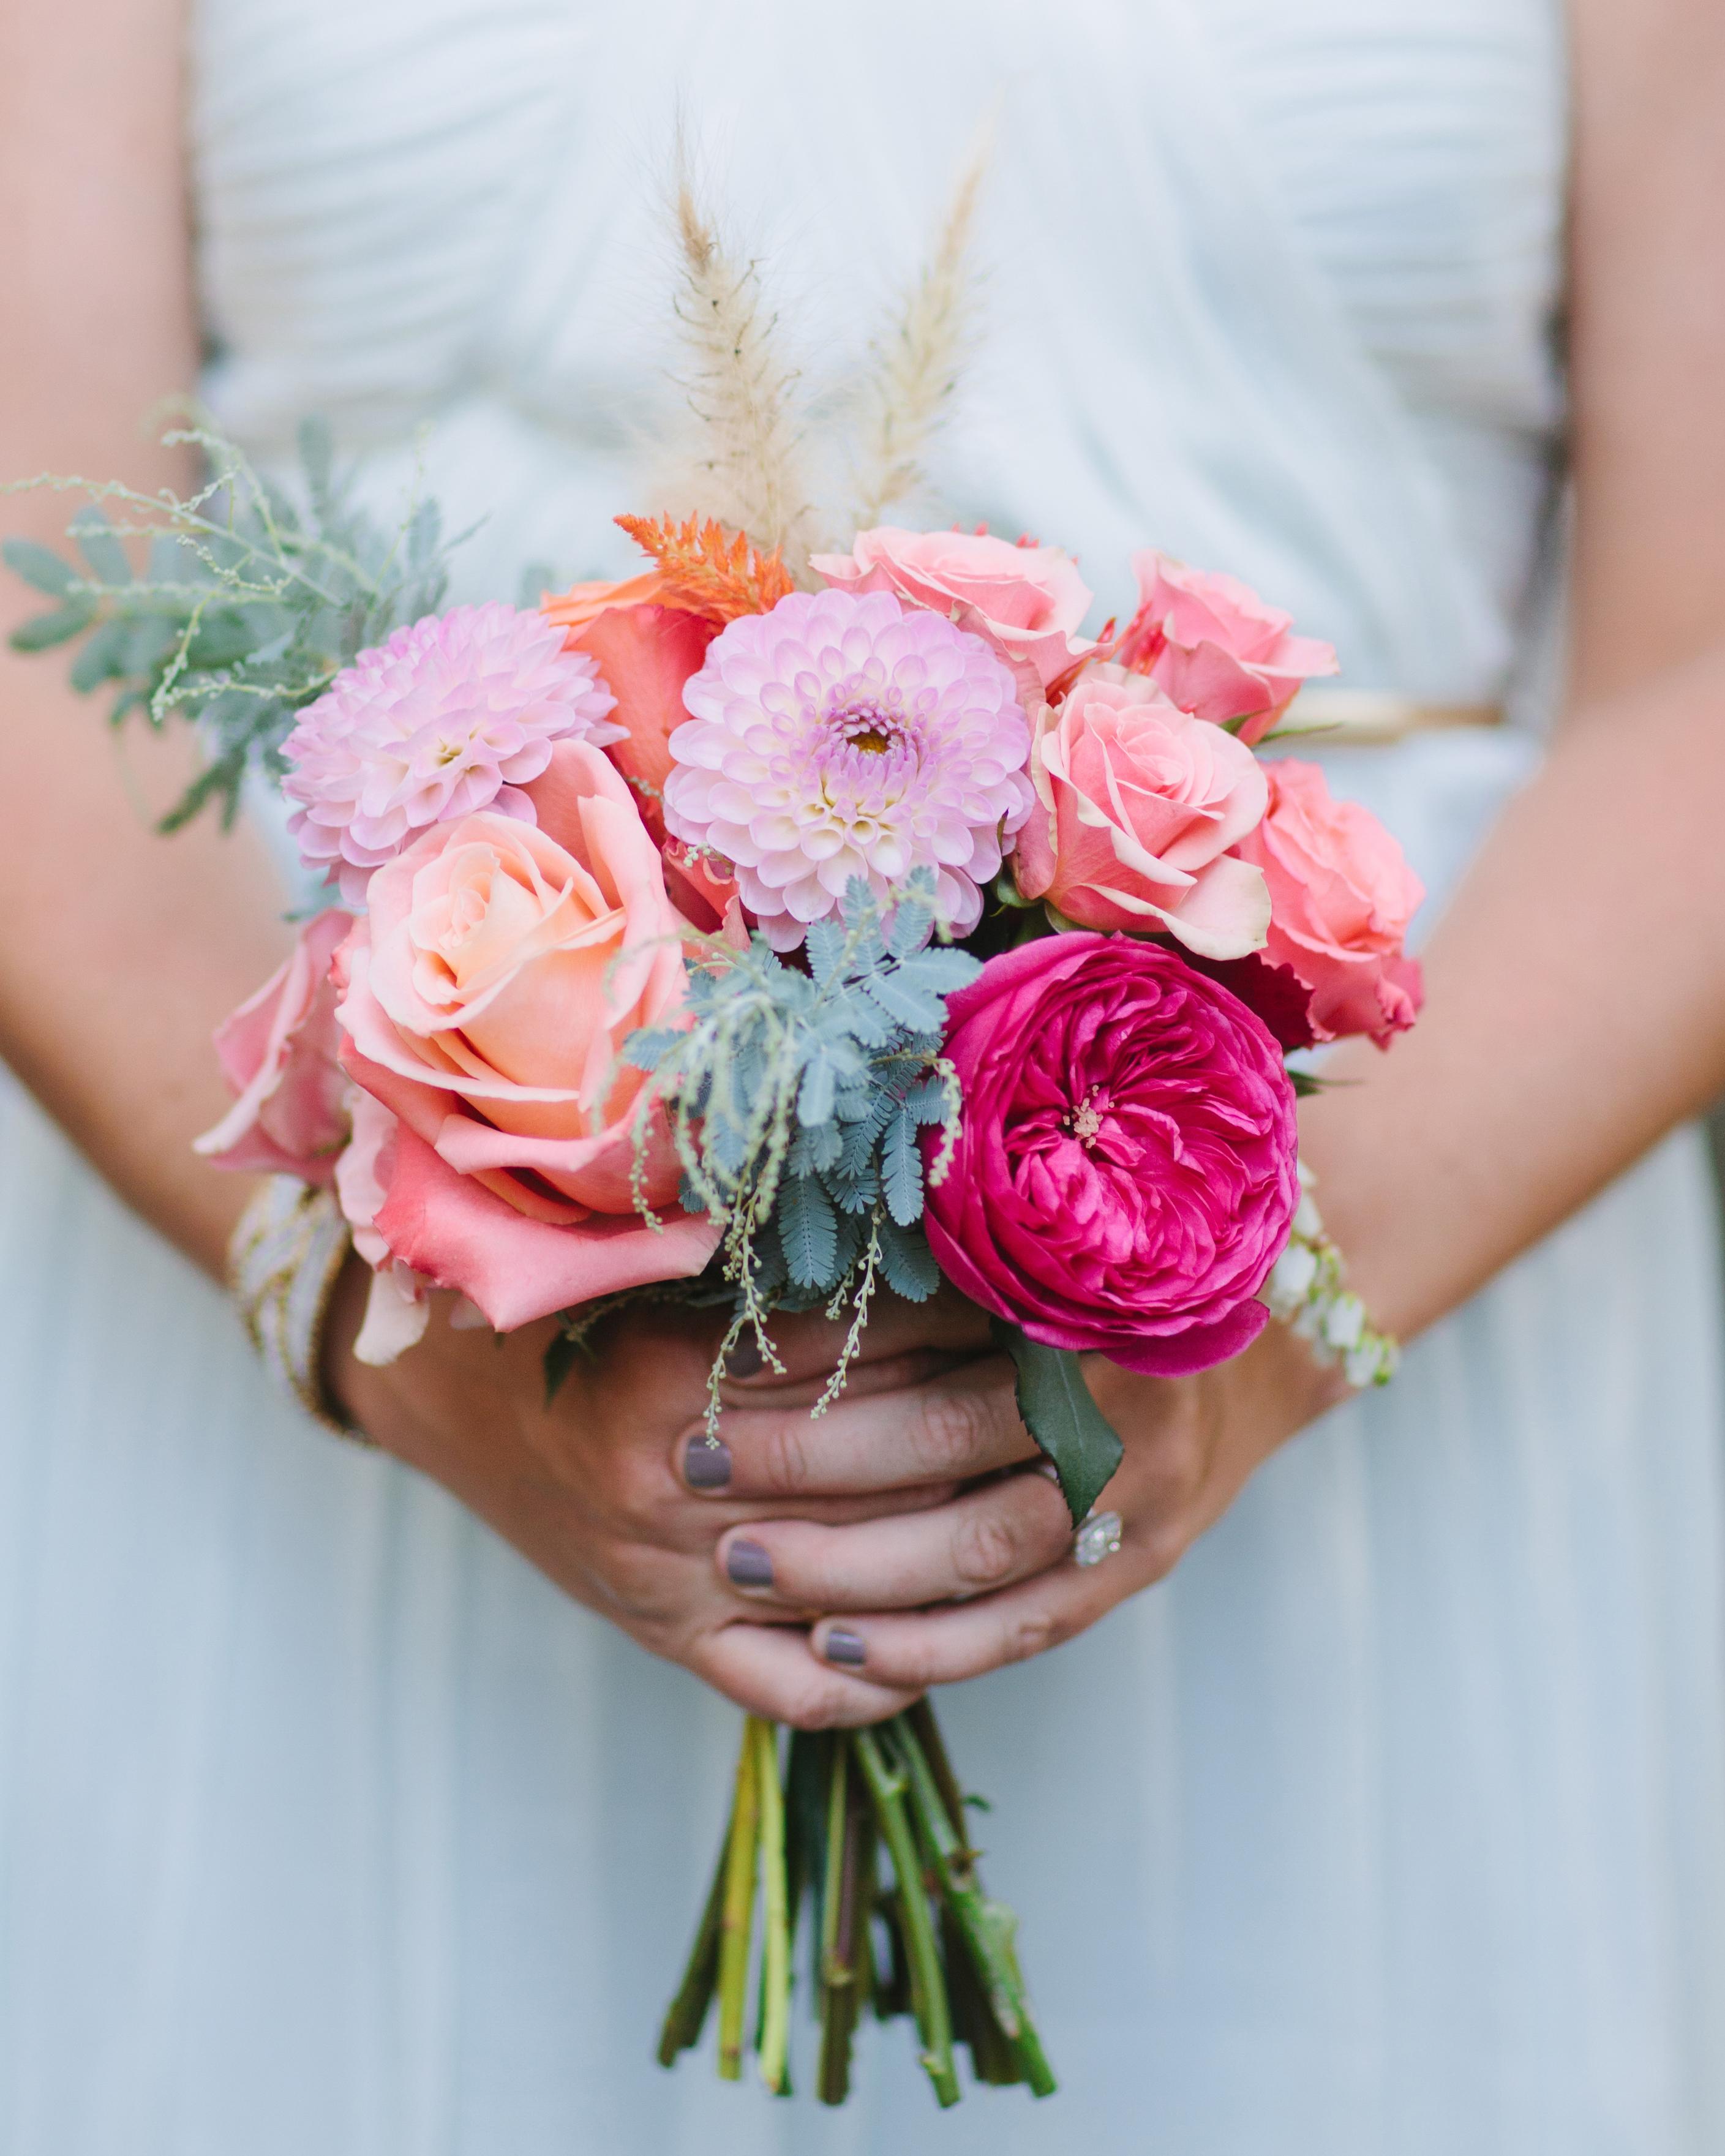 gina-craig-wedding-bouquet1-0514.jpg